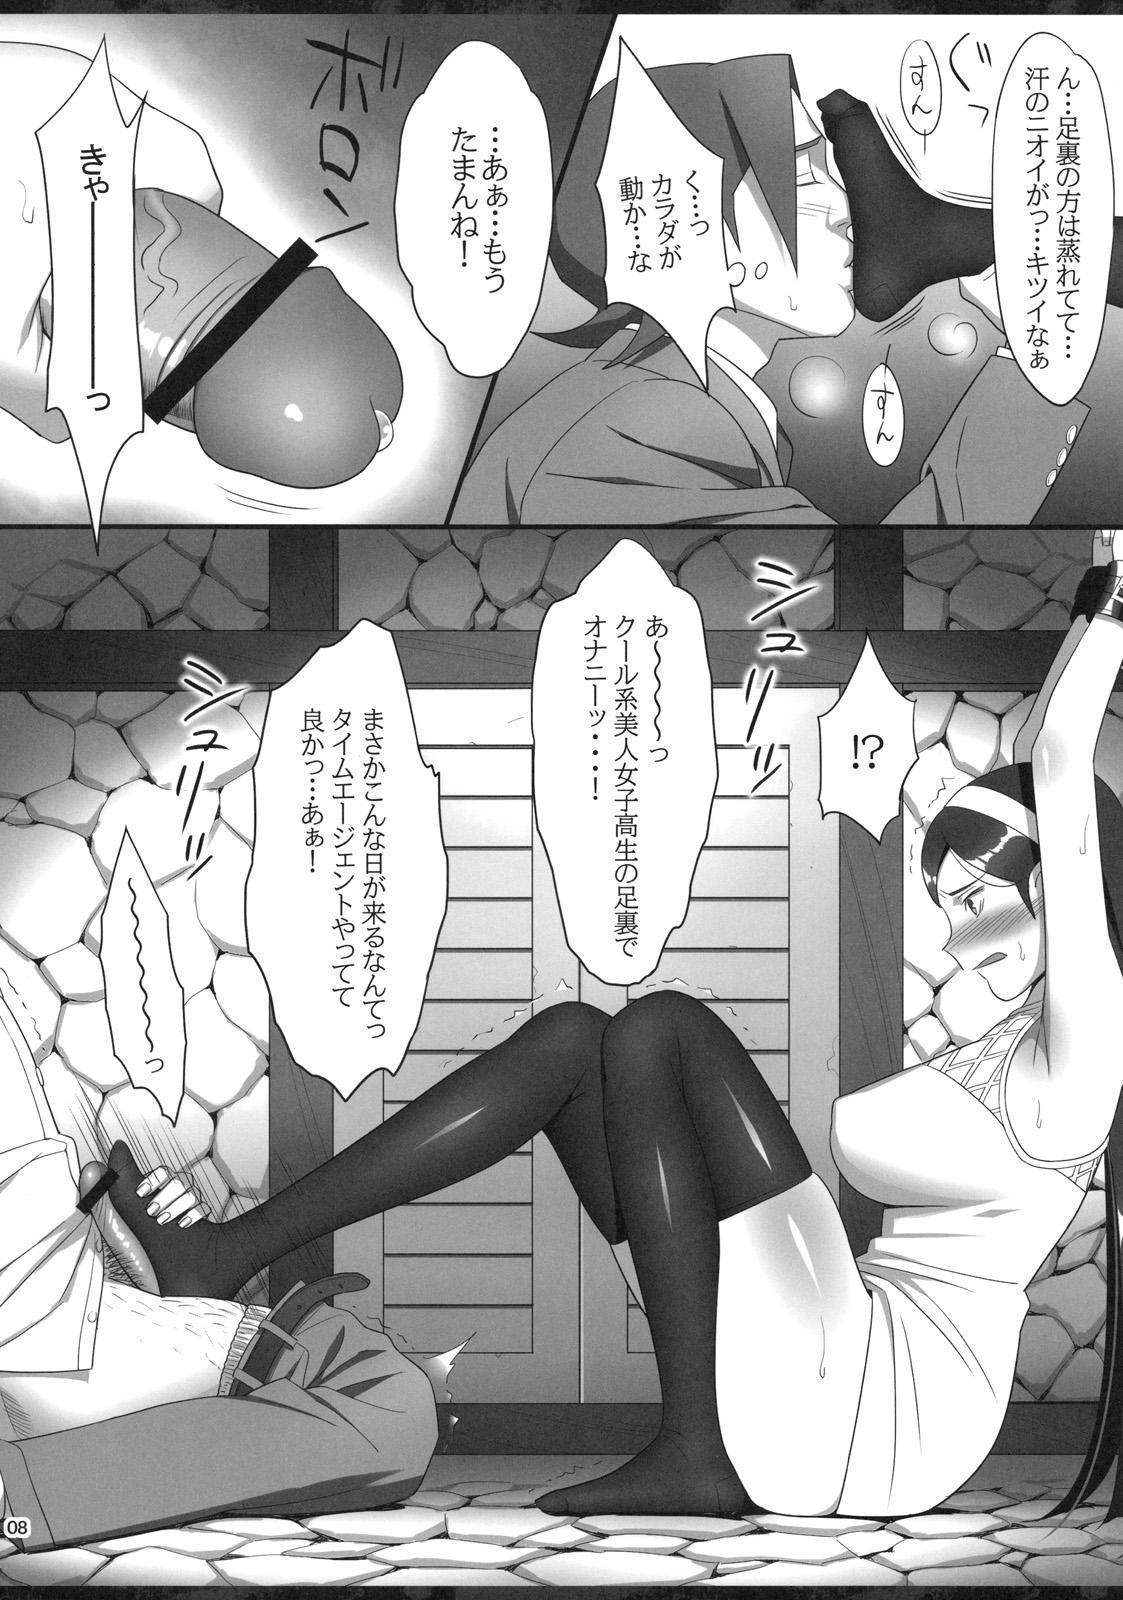 Occult Lover Girl no Junan 7